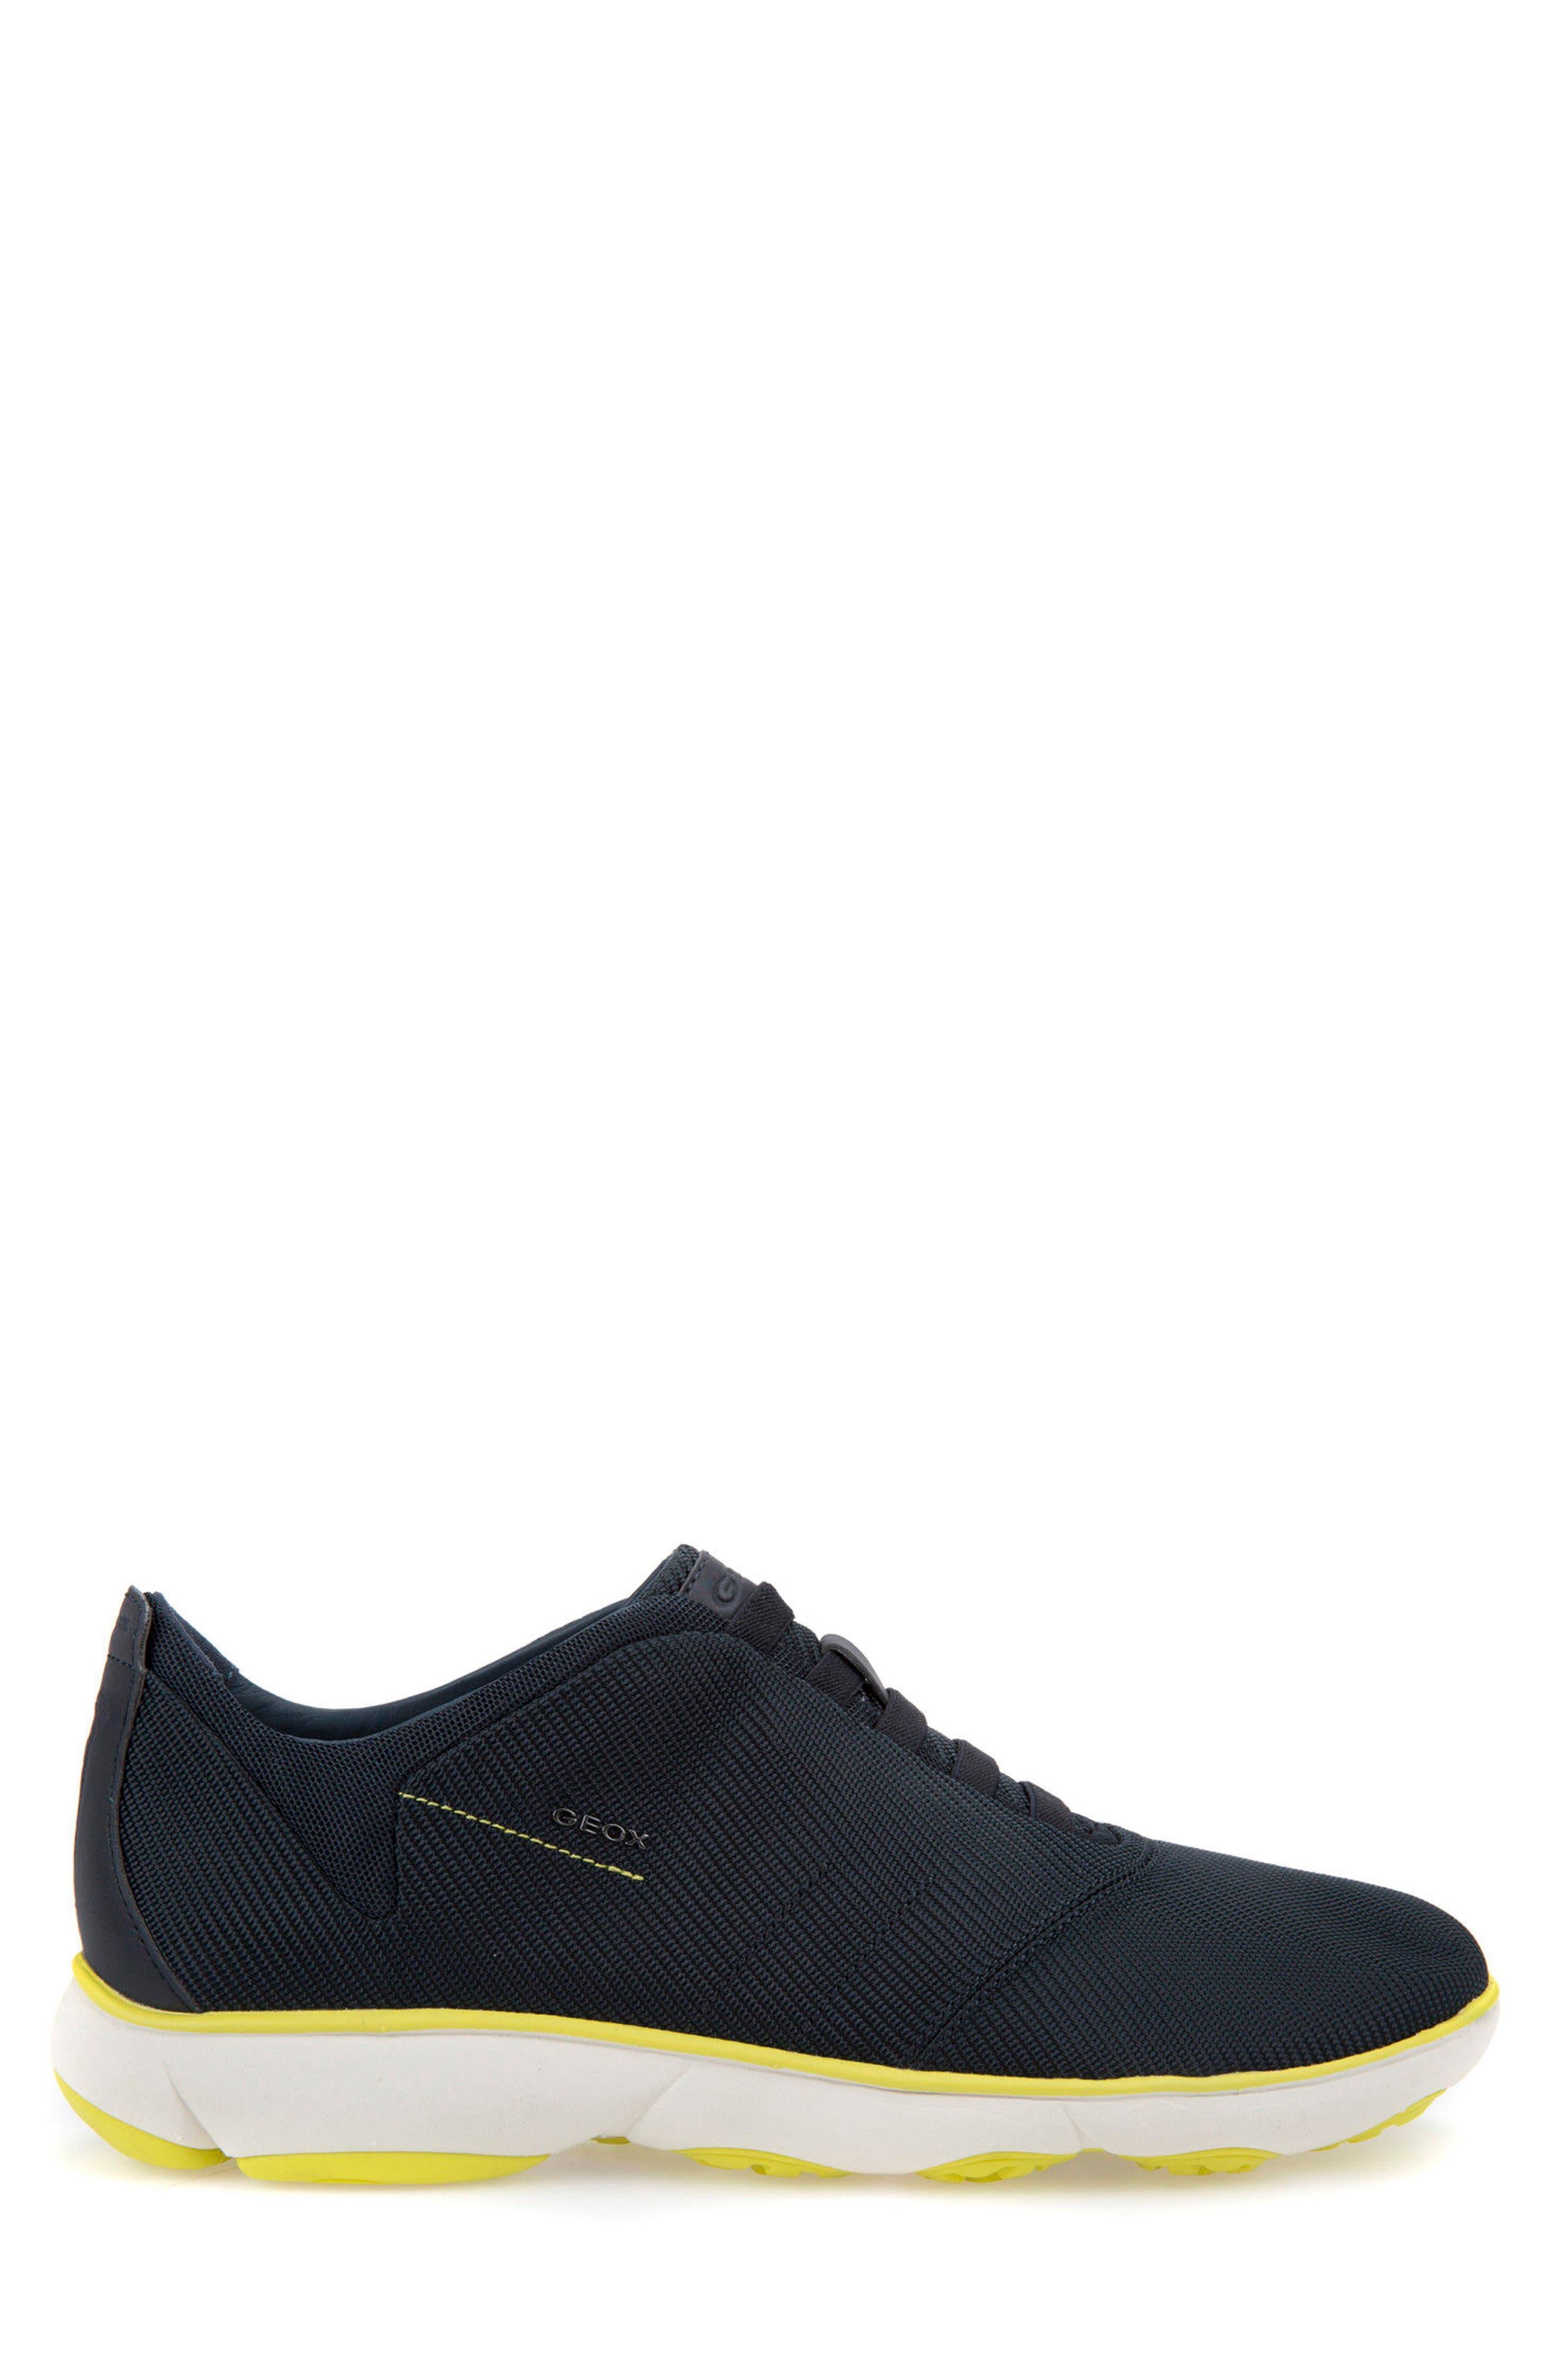 Nebula 35 Slip-On Sneaker,                             Alternate thumbnail 3, color,                             Navy